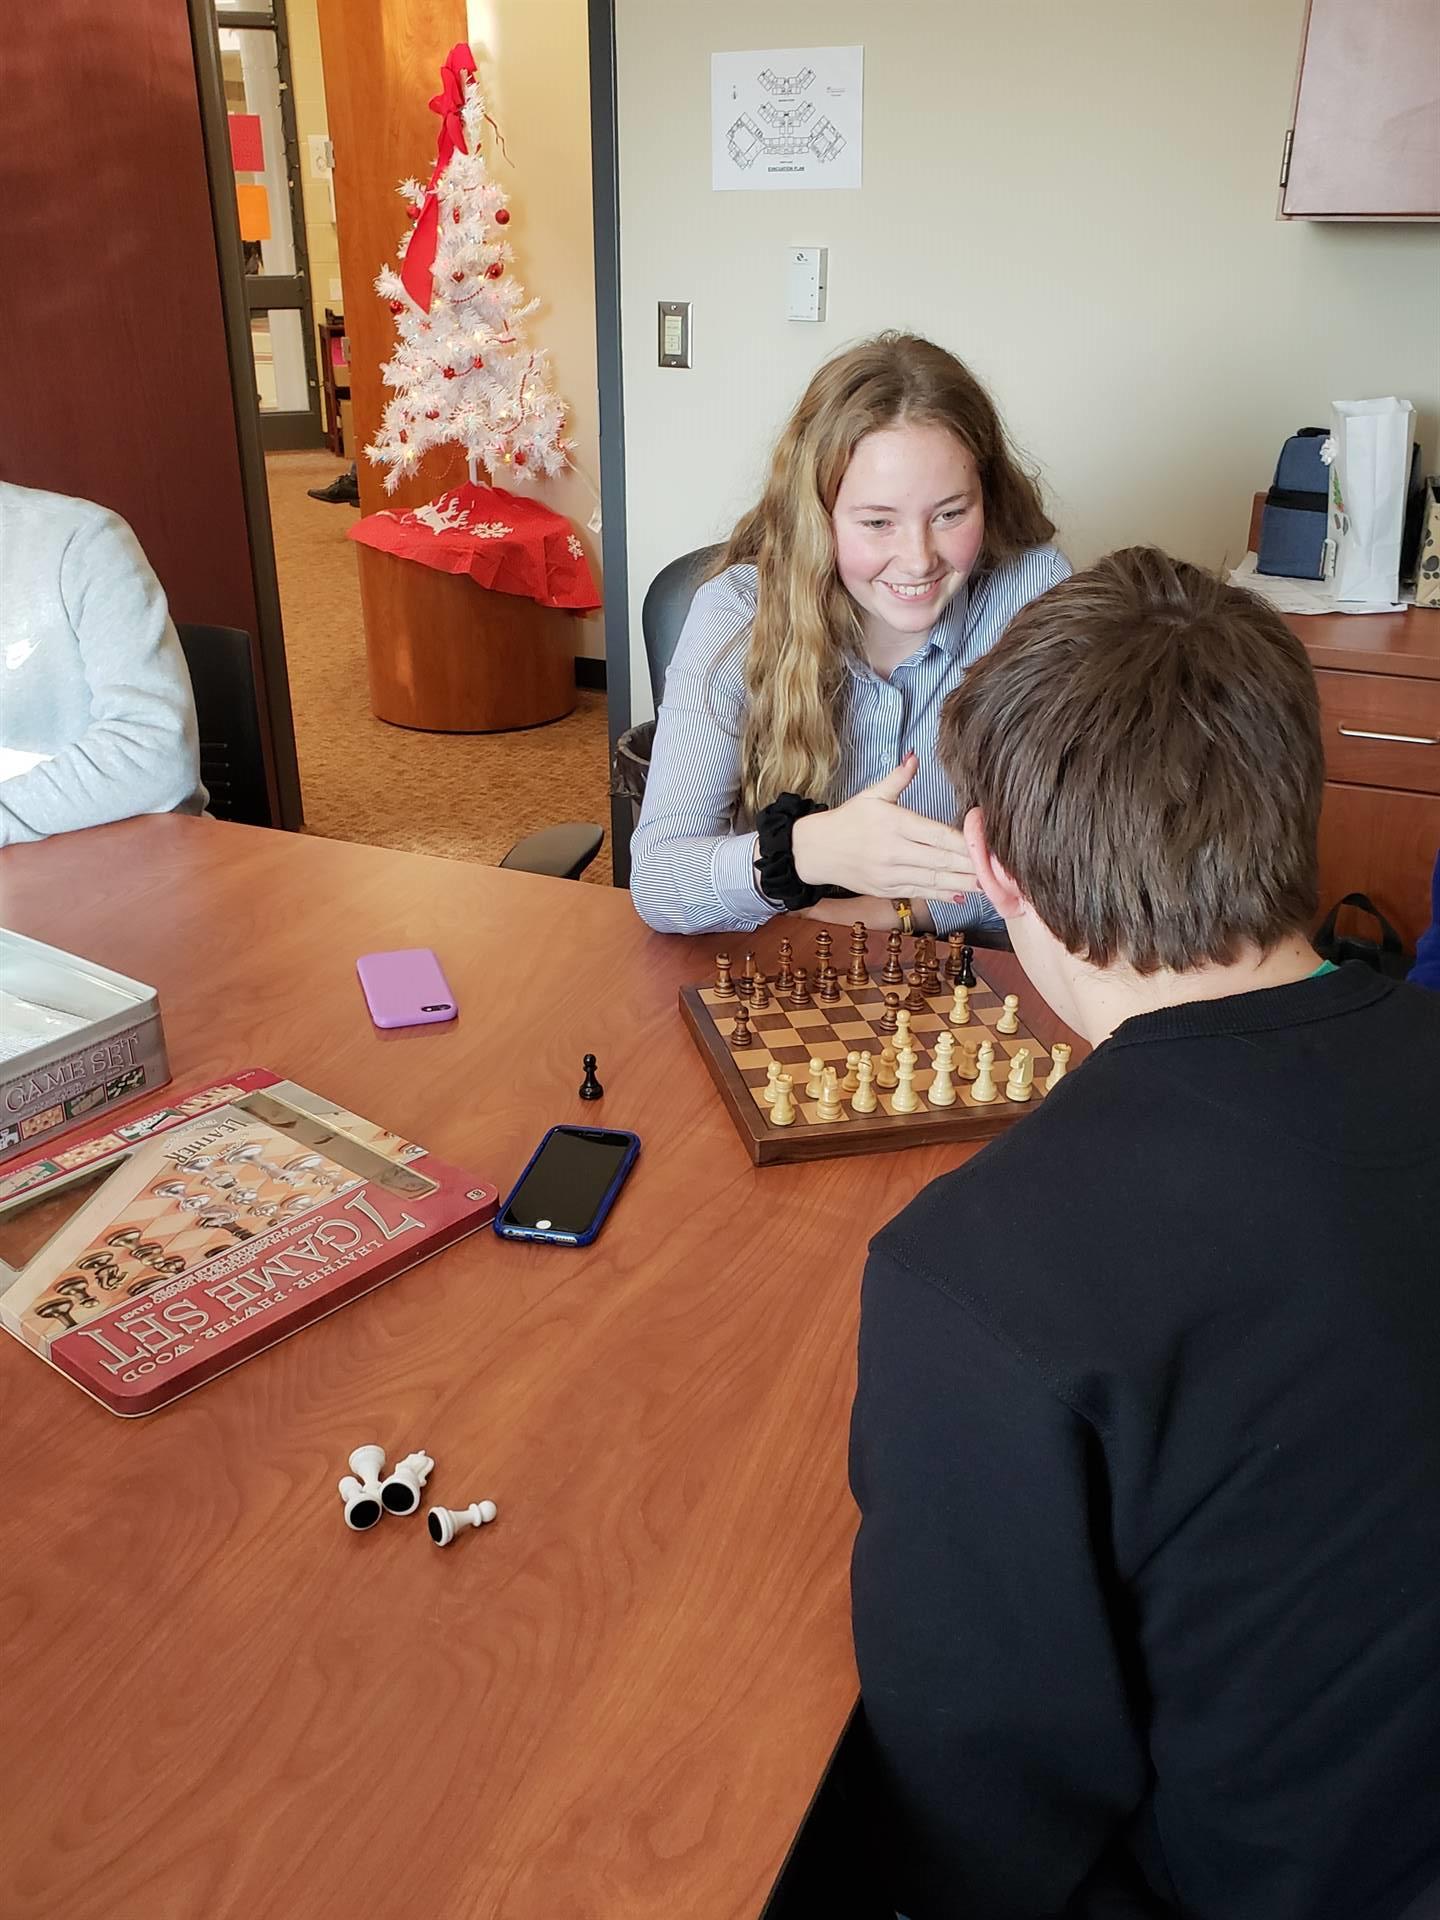 Chess at NHS!